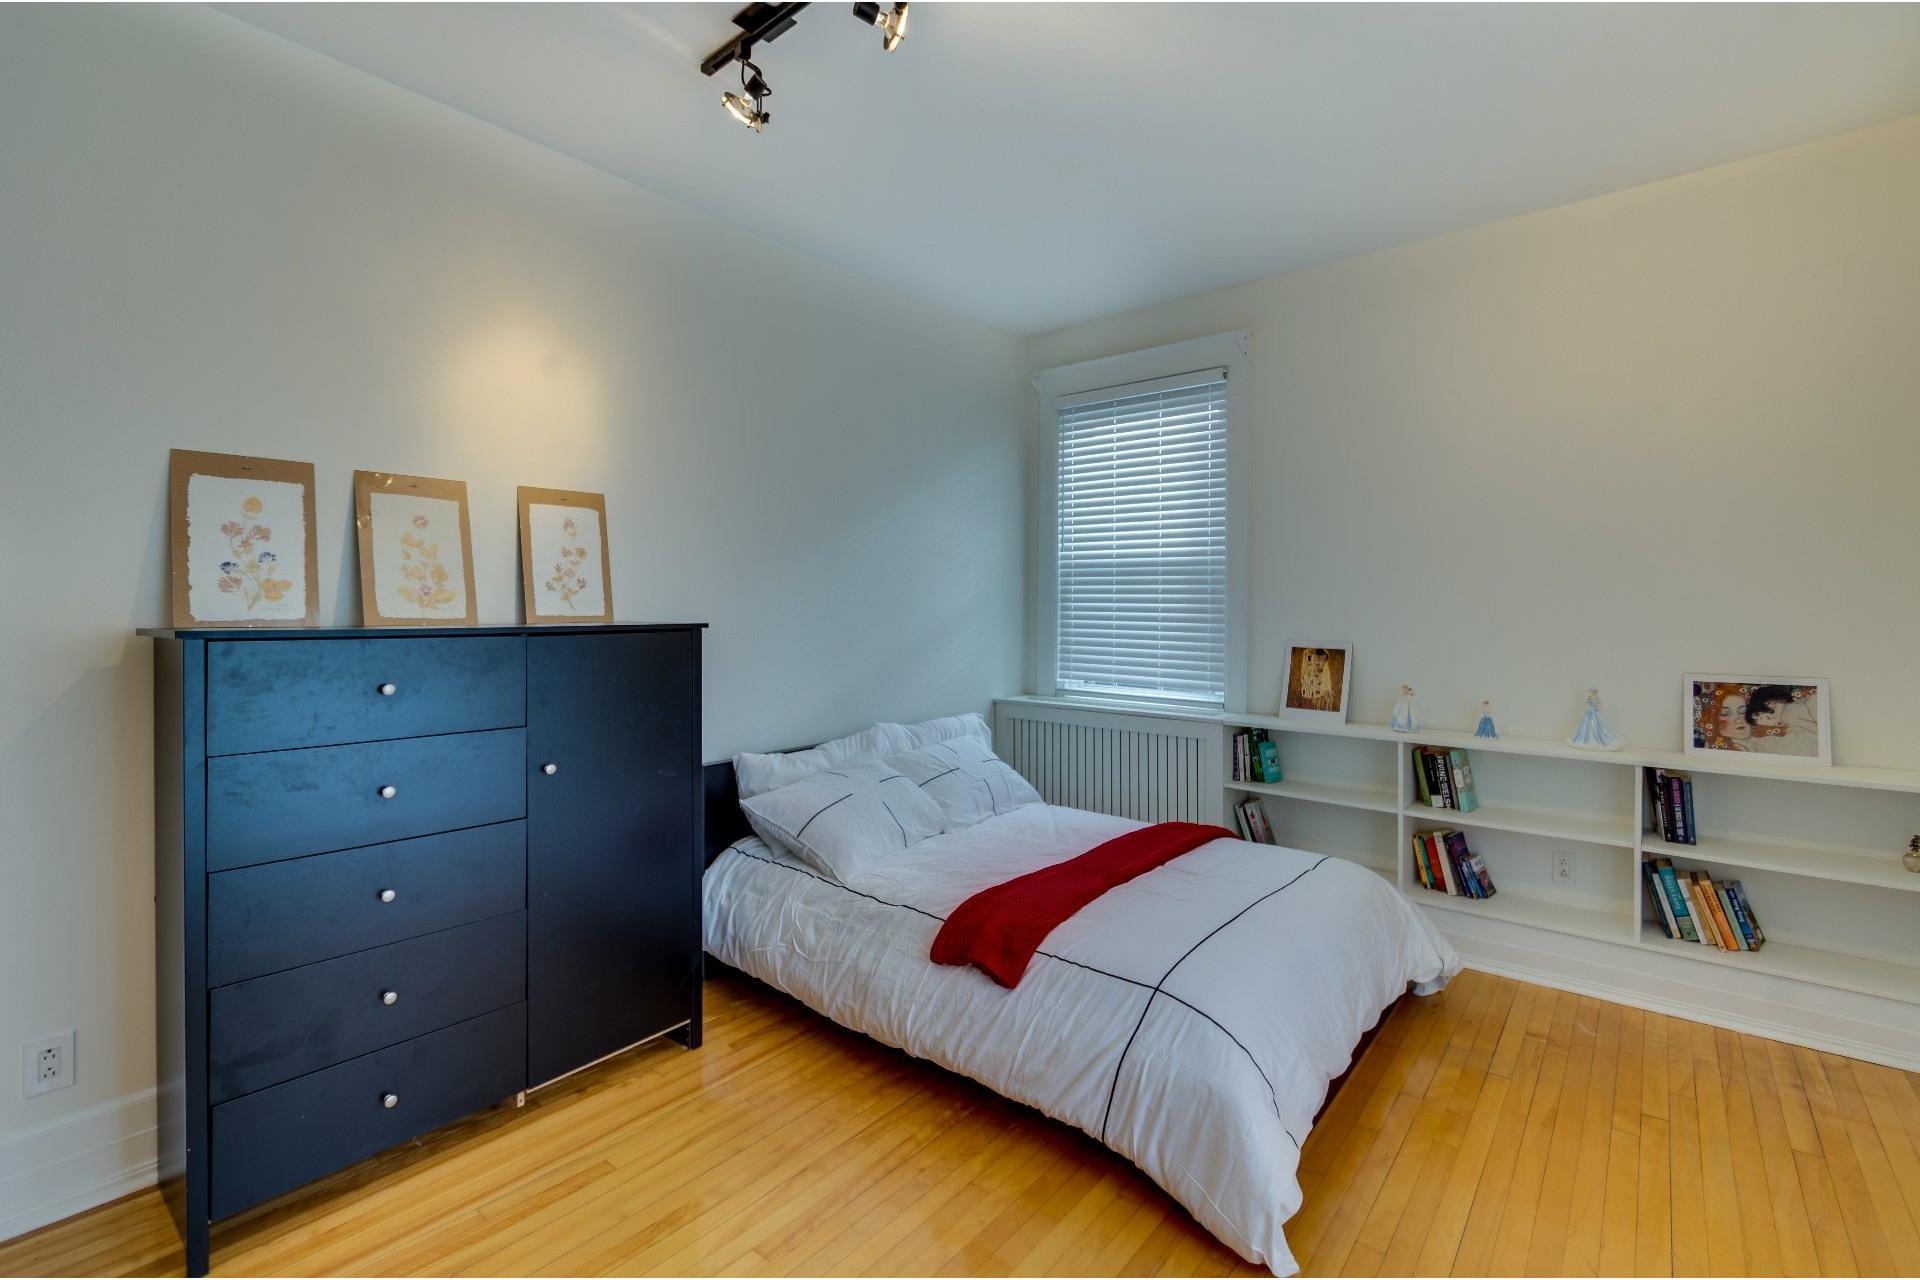 image 15 - Apartment For sale Côte-des-Neiges/Notre-Dame-de-Grâce Montréal  - 7 rooms